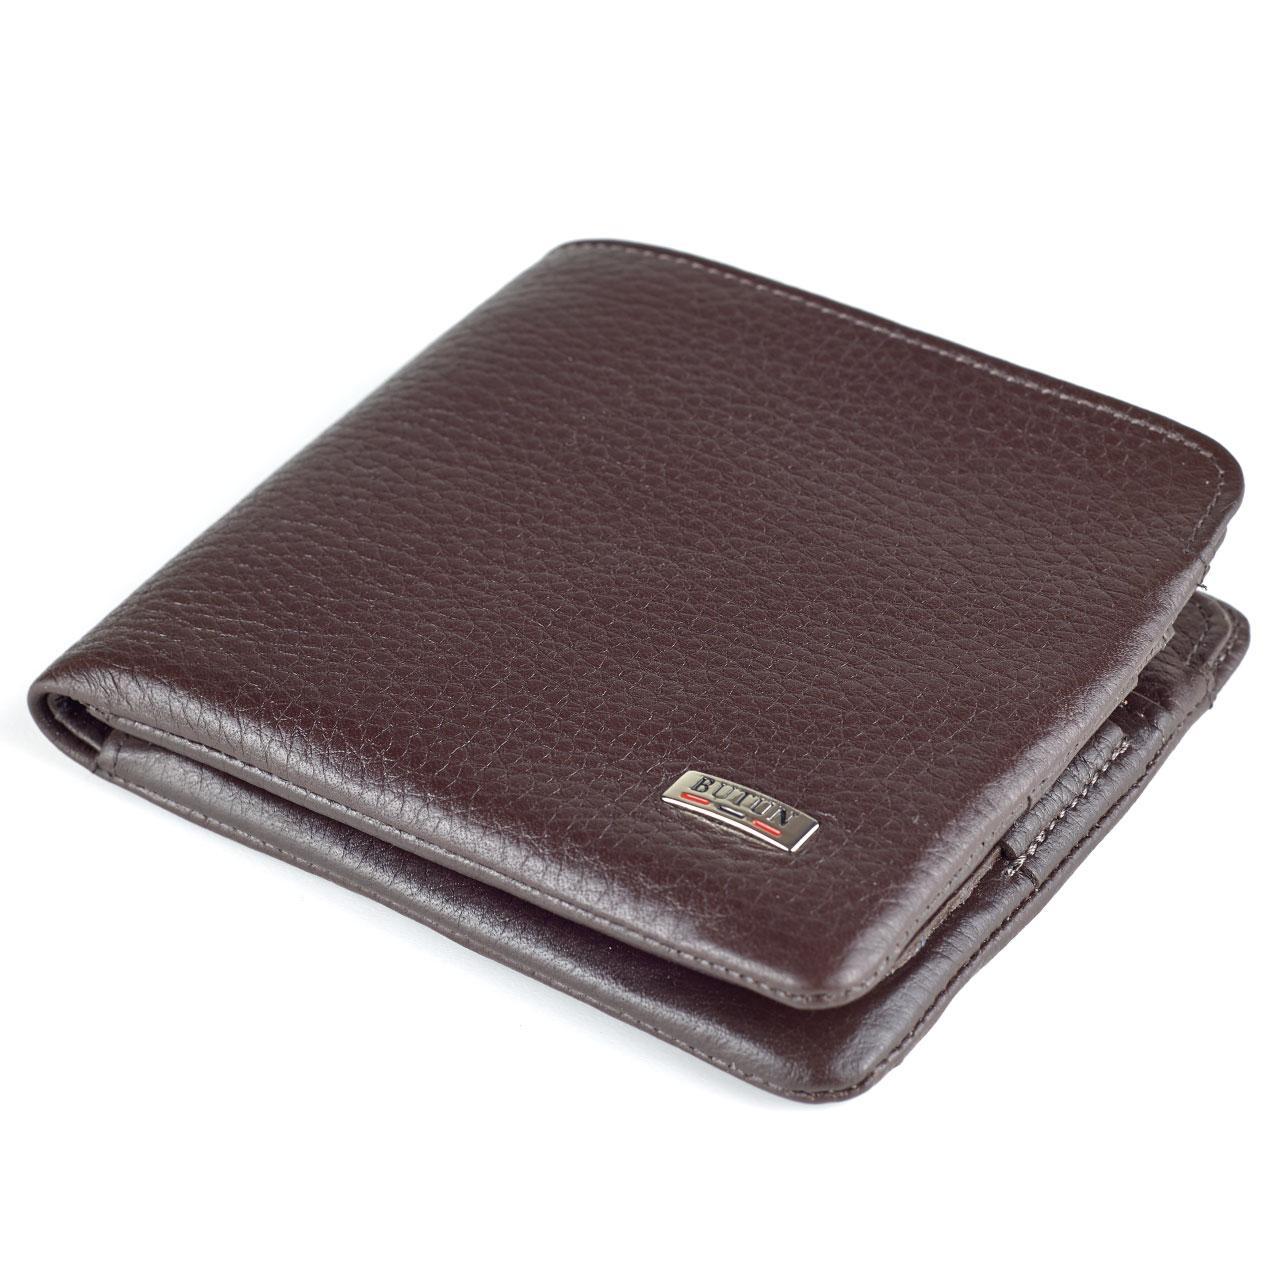 Мужской кошелек BUTUN 236-004-004 кожаный коричневый